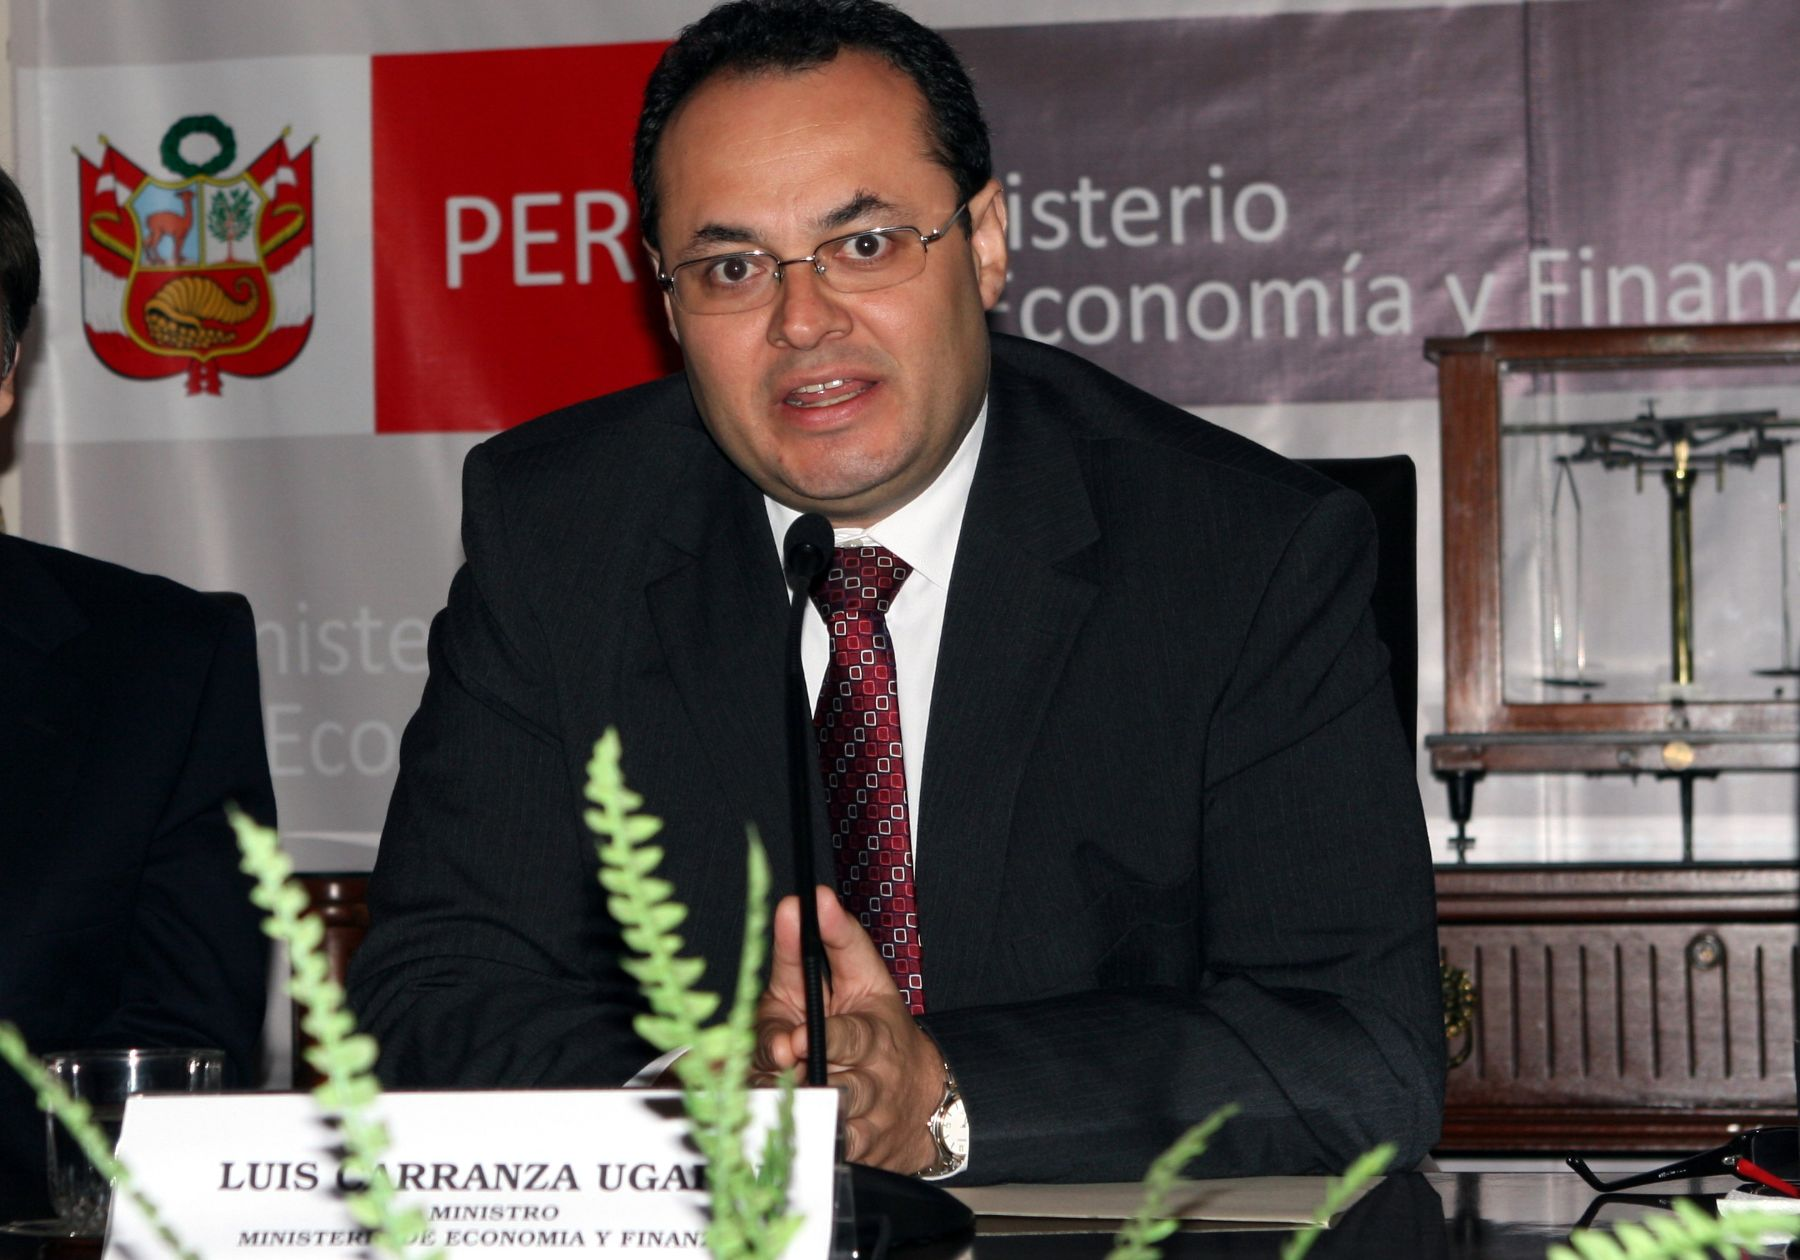 Ministro de Economía y Finanzas, Luis Carranza. Foto: ANDINA/Héctor Vinces.